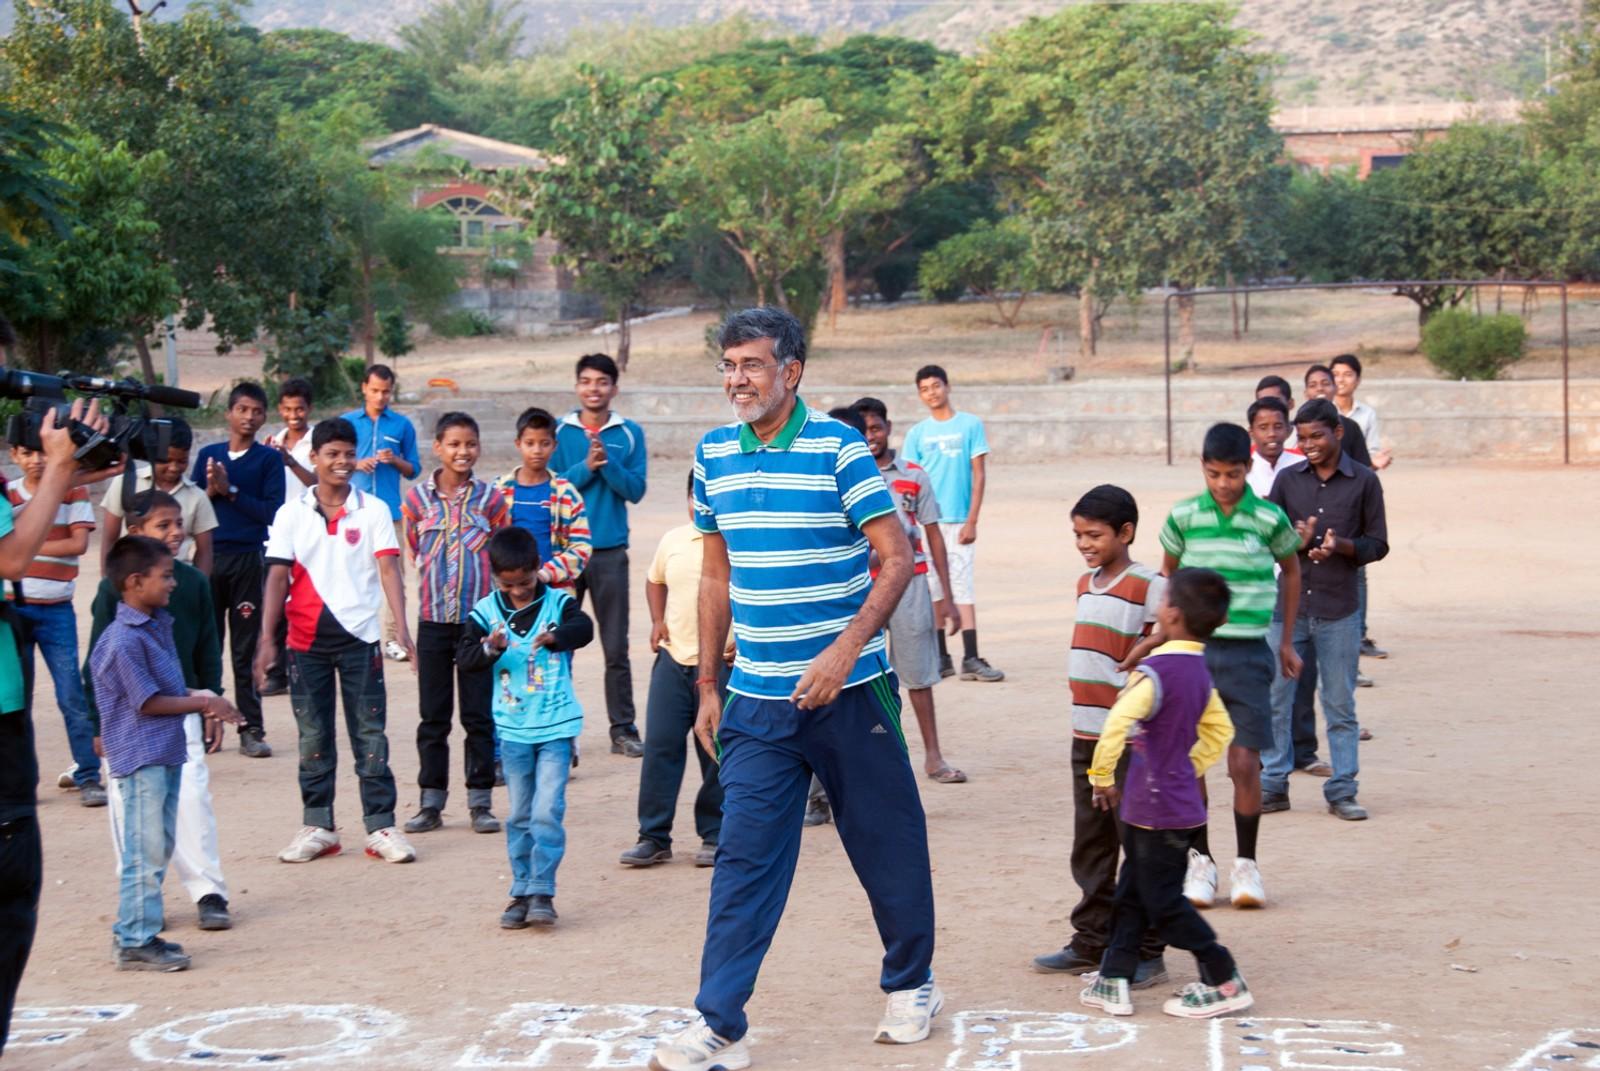 Kailash Satyarthi har sterk rettferdighetssans - og sterkt barnetekke. Når han er hjemme ved Bal Ashram-senteret, har han alltid et haleheng av gutter bak seg.